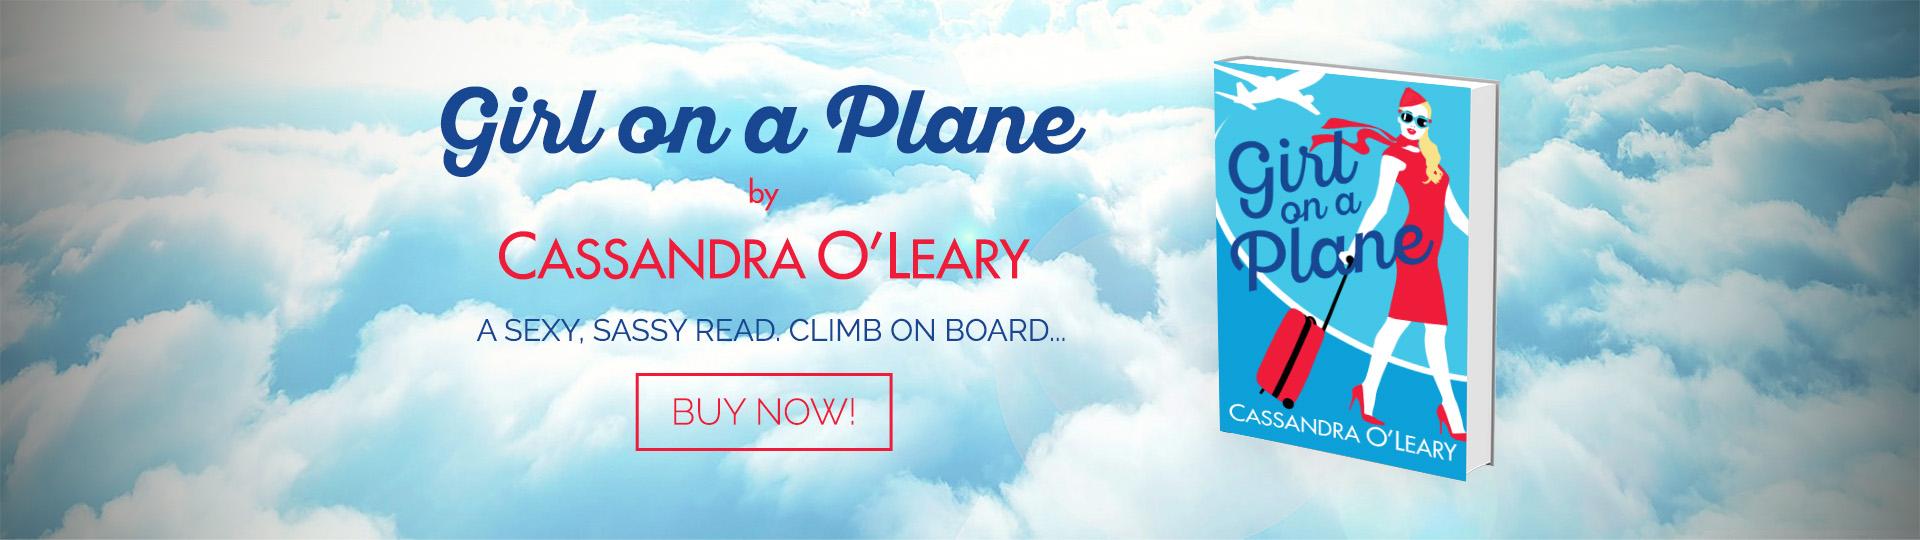 cassandra o'eary girl on a plane slide